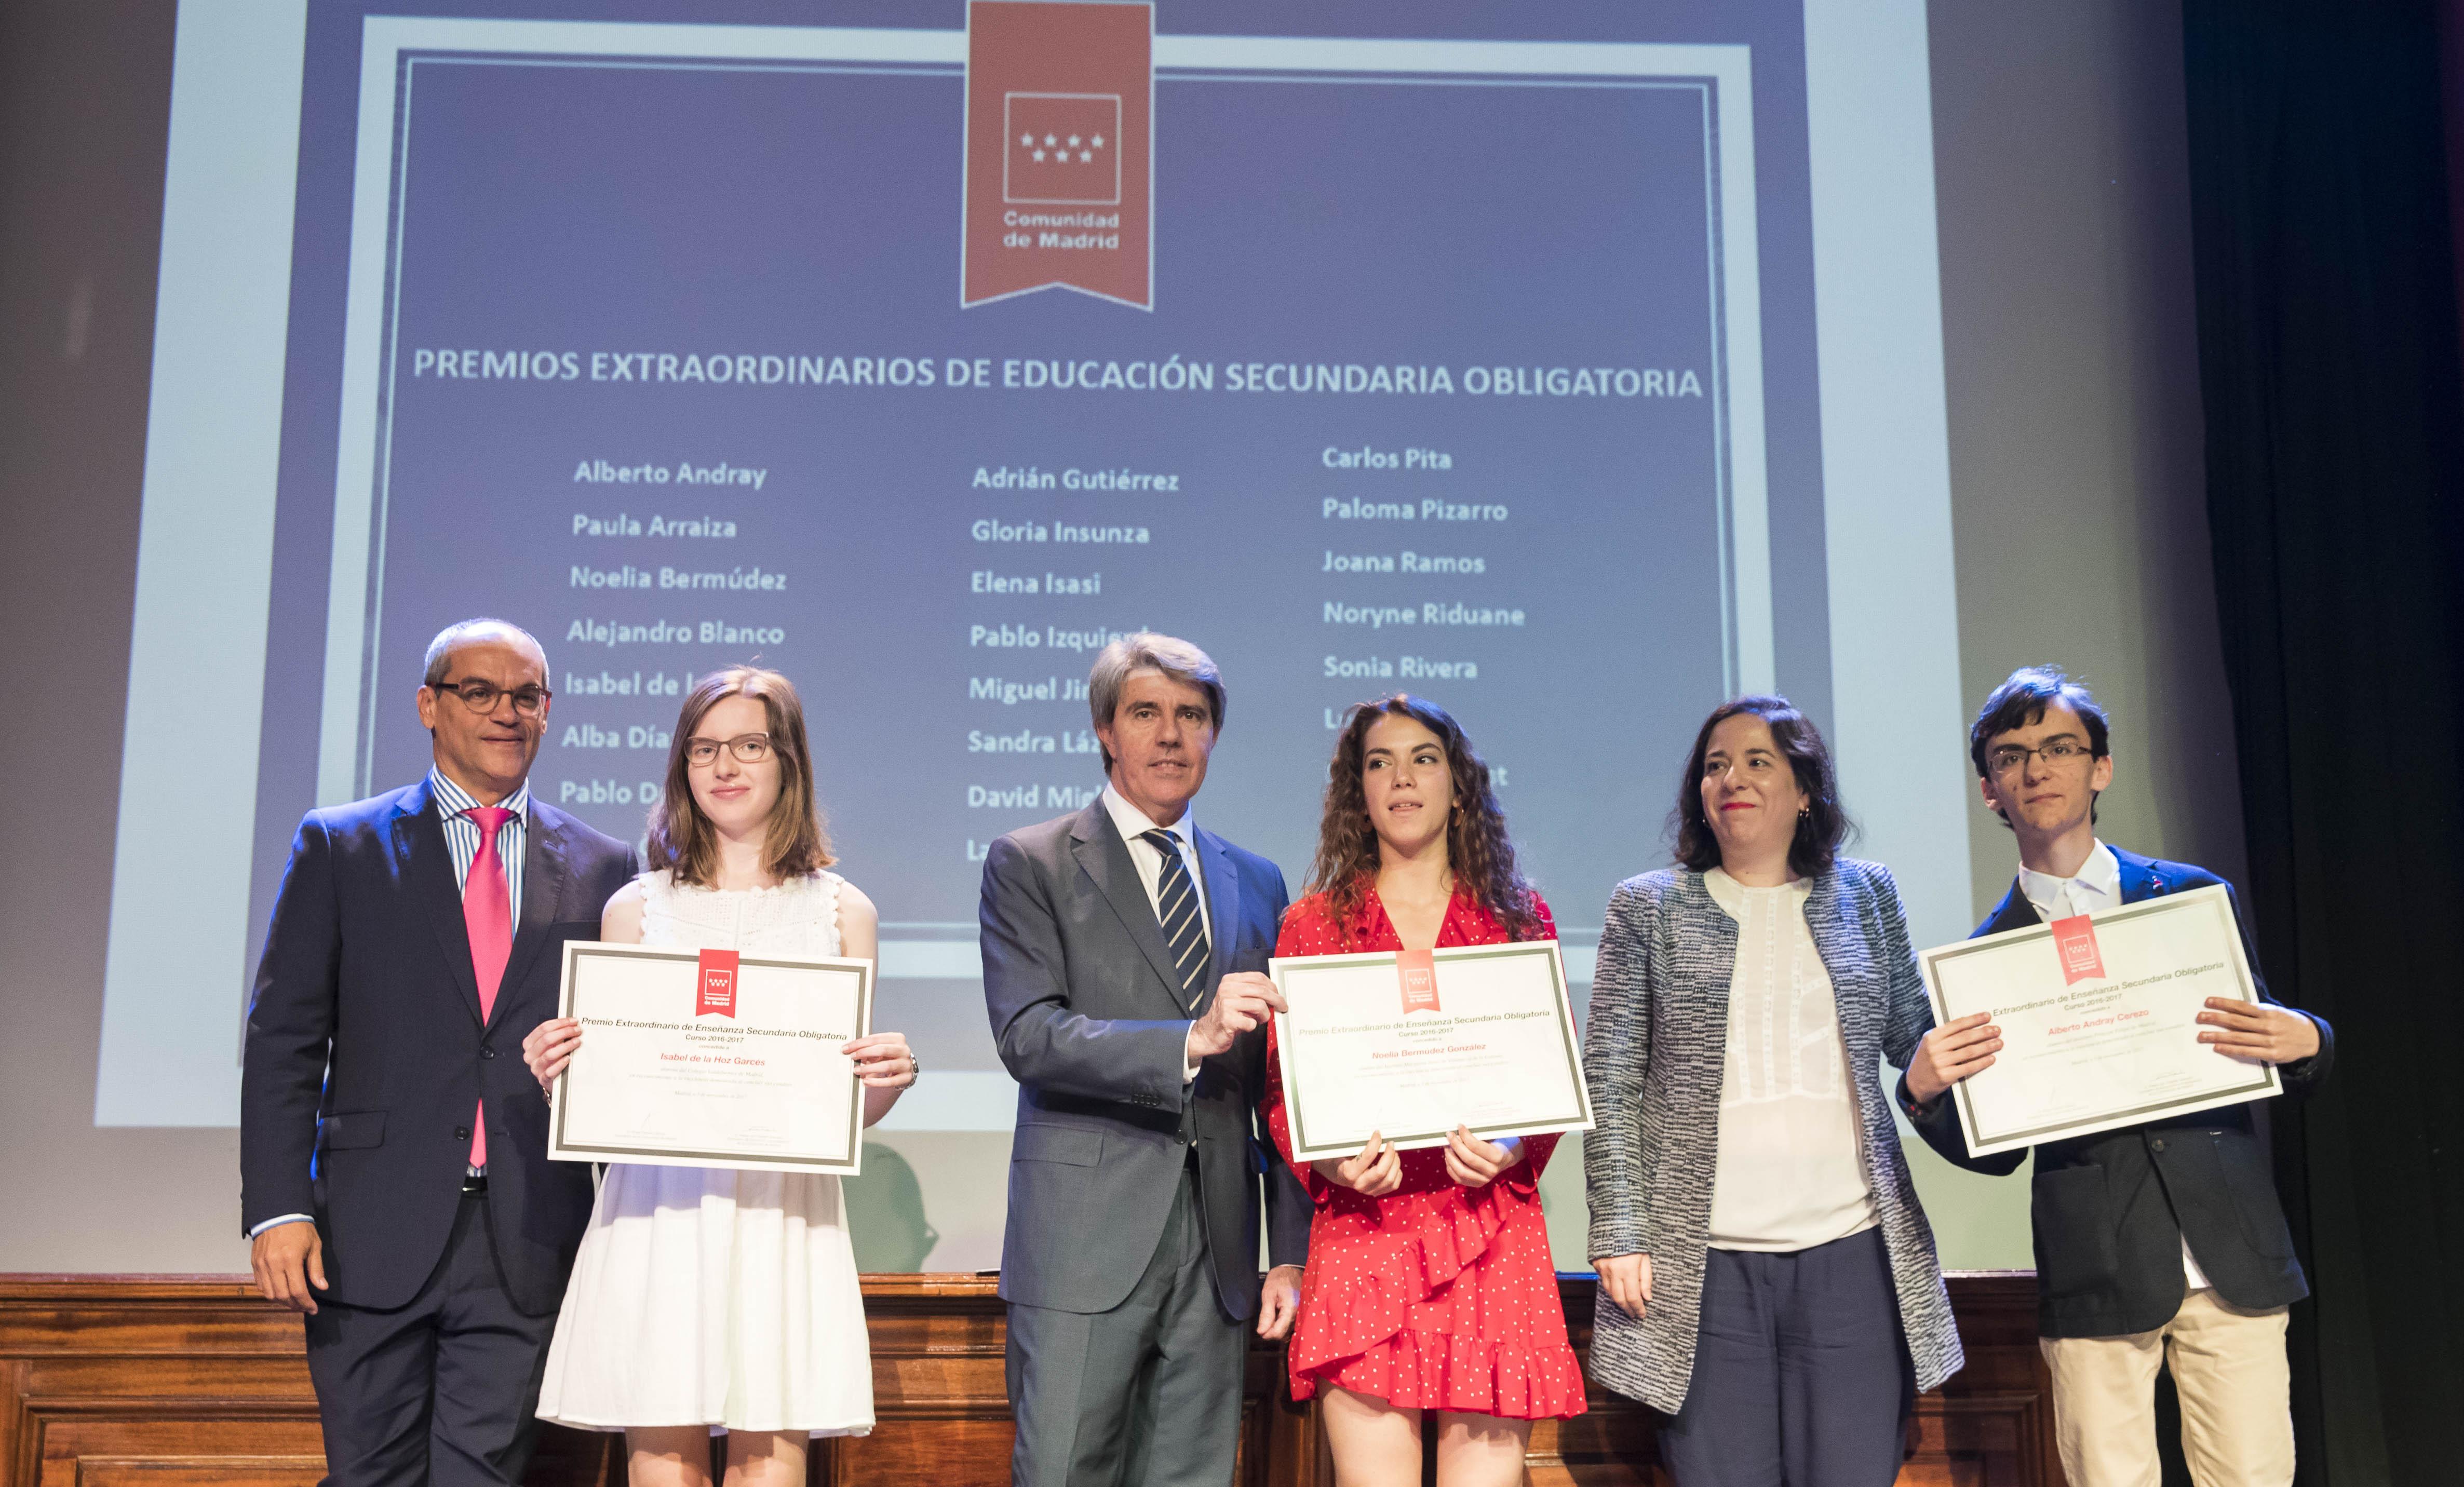 Entrega de los premios extraordinarios correspondientes al curso 2016/2017